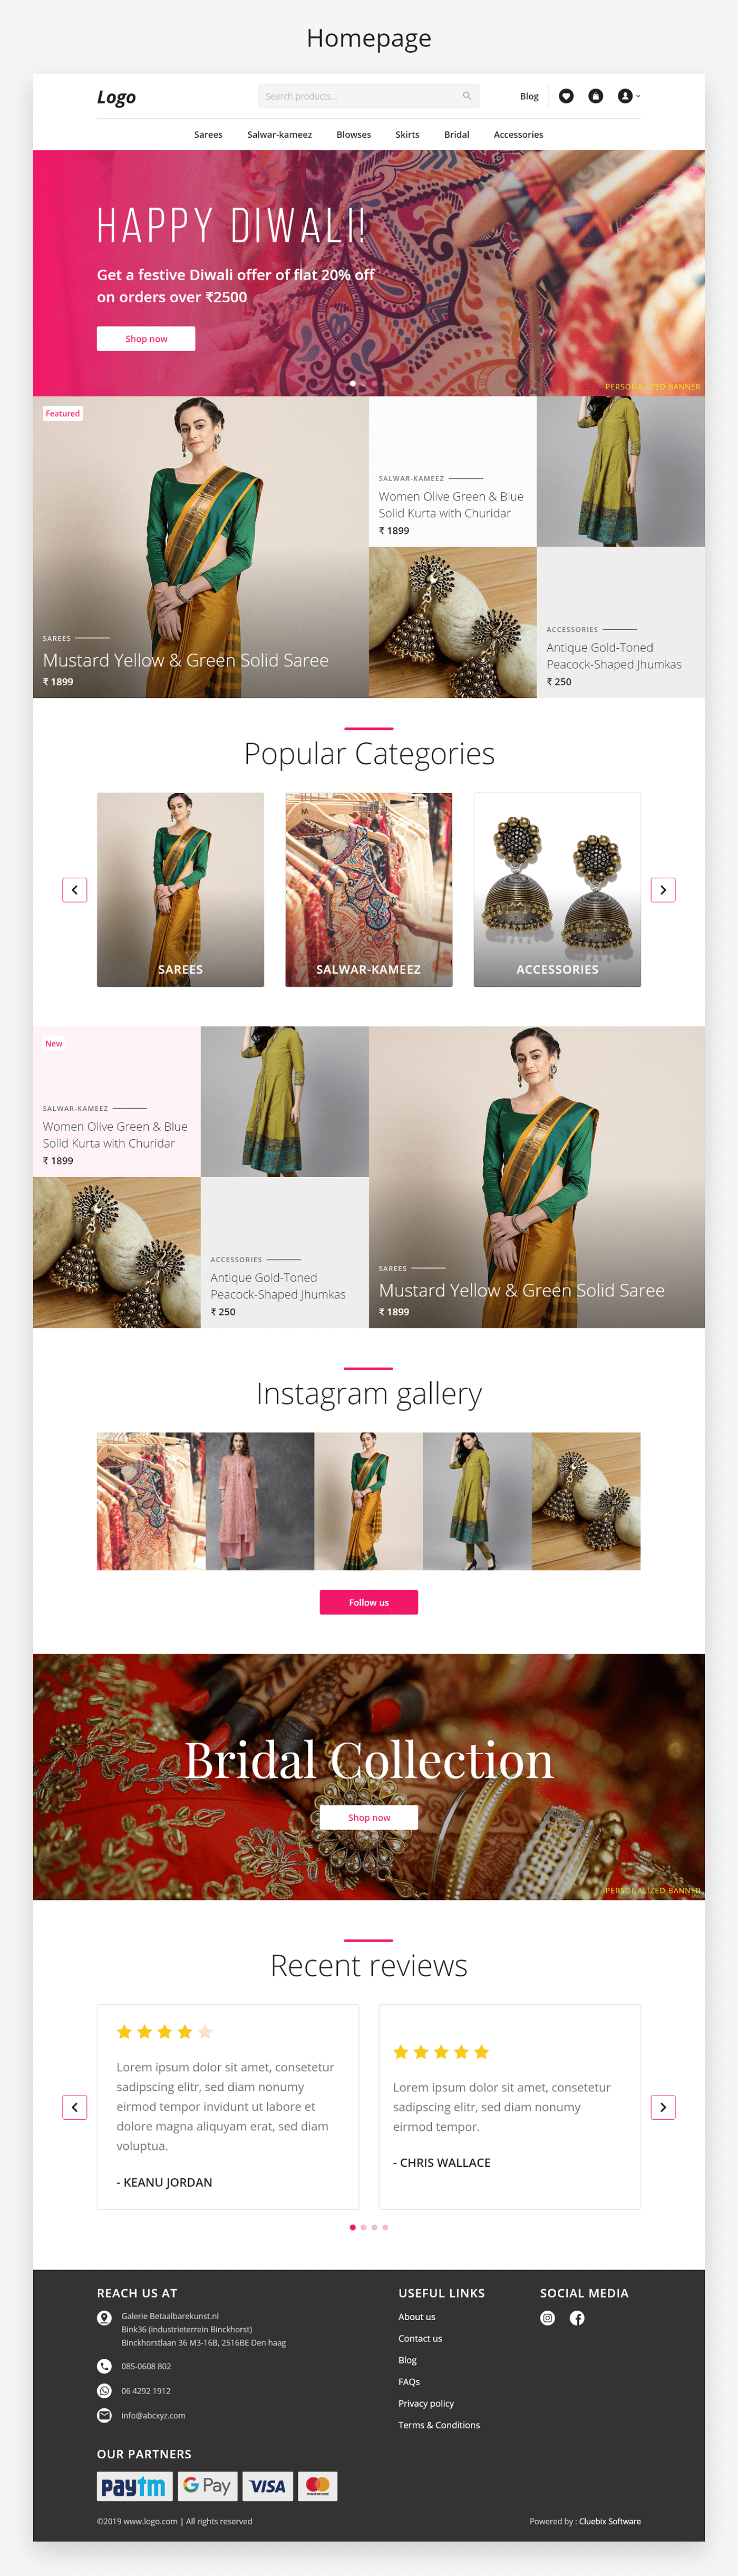 Website Design Ecommerce UI/UX Fashion  boutique